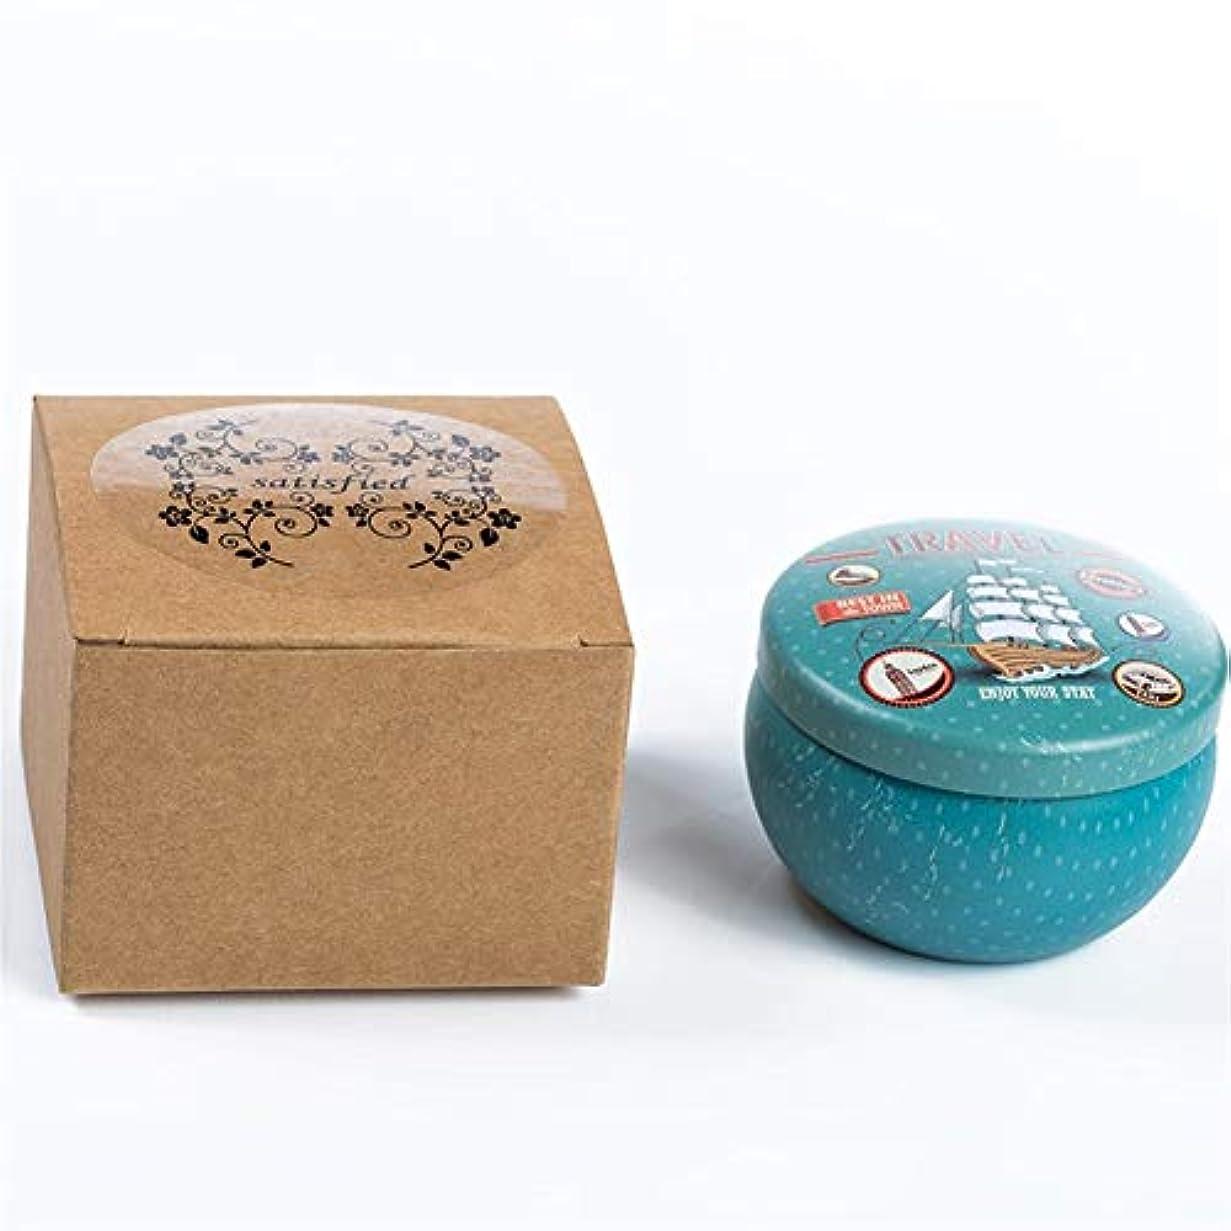 学期信者なだめるGuomao 漫画のブリキの箱の香料入りの蝋燭の家のなだめるような睡眠、新しく、快適な臭いがする蝋燭 (色 : Lavender)